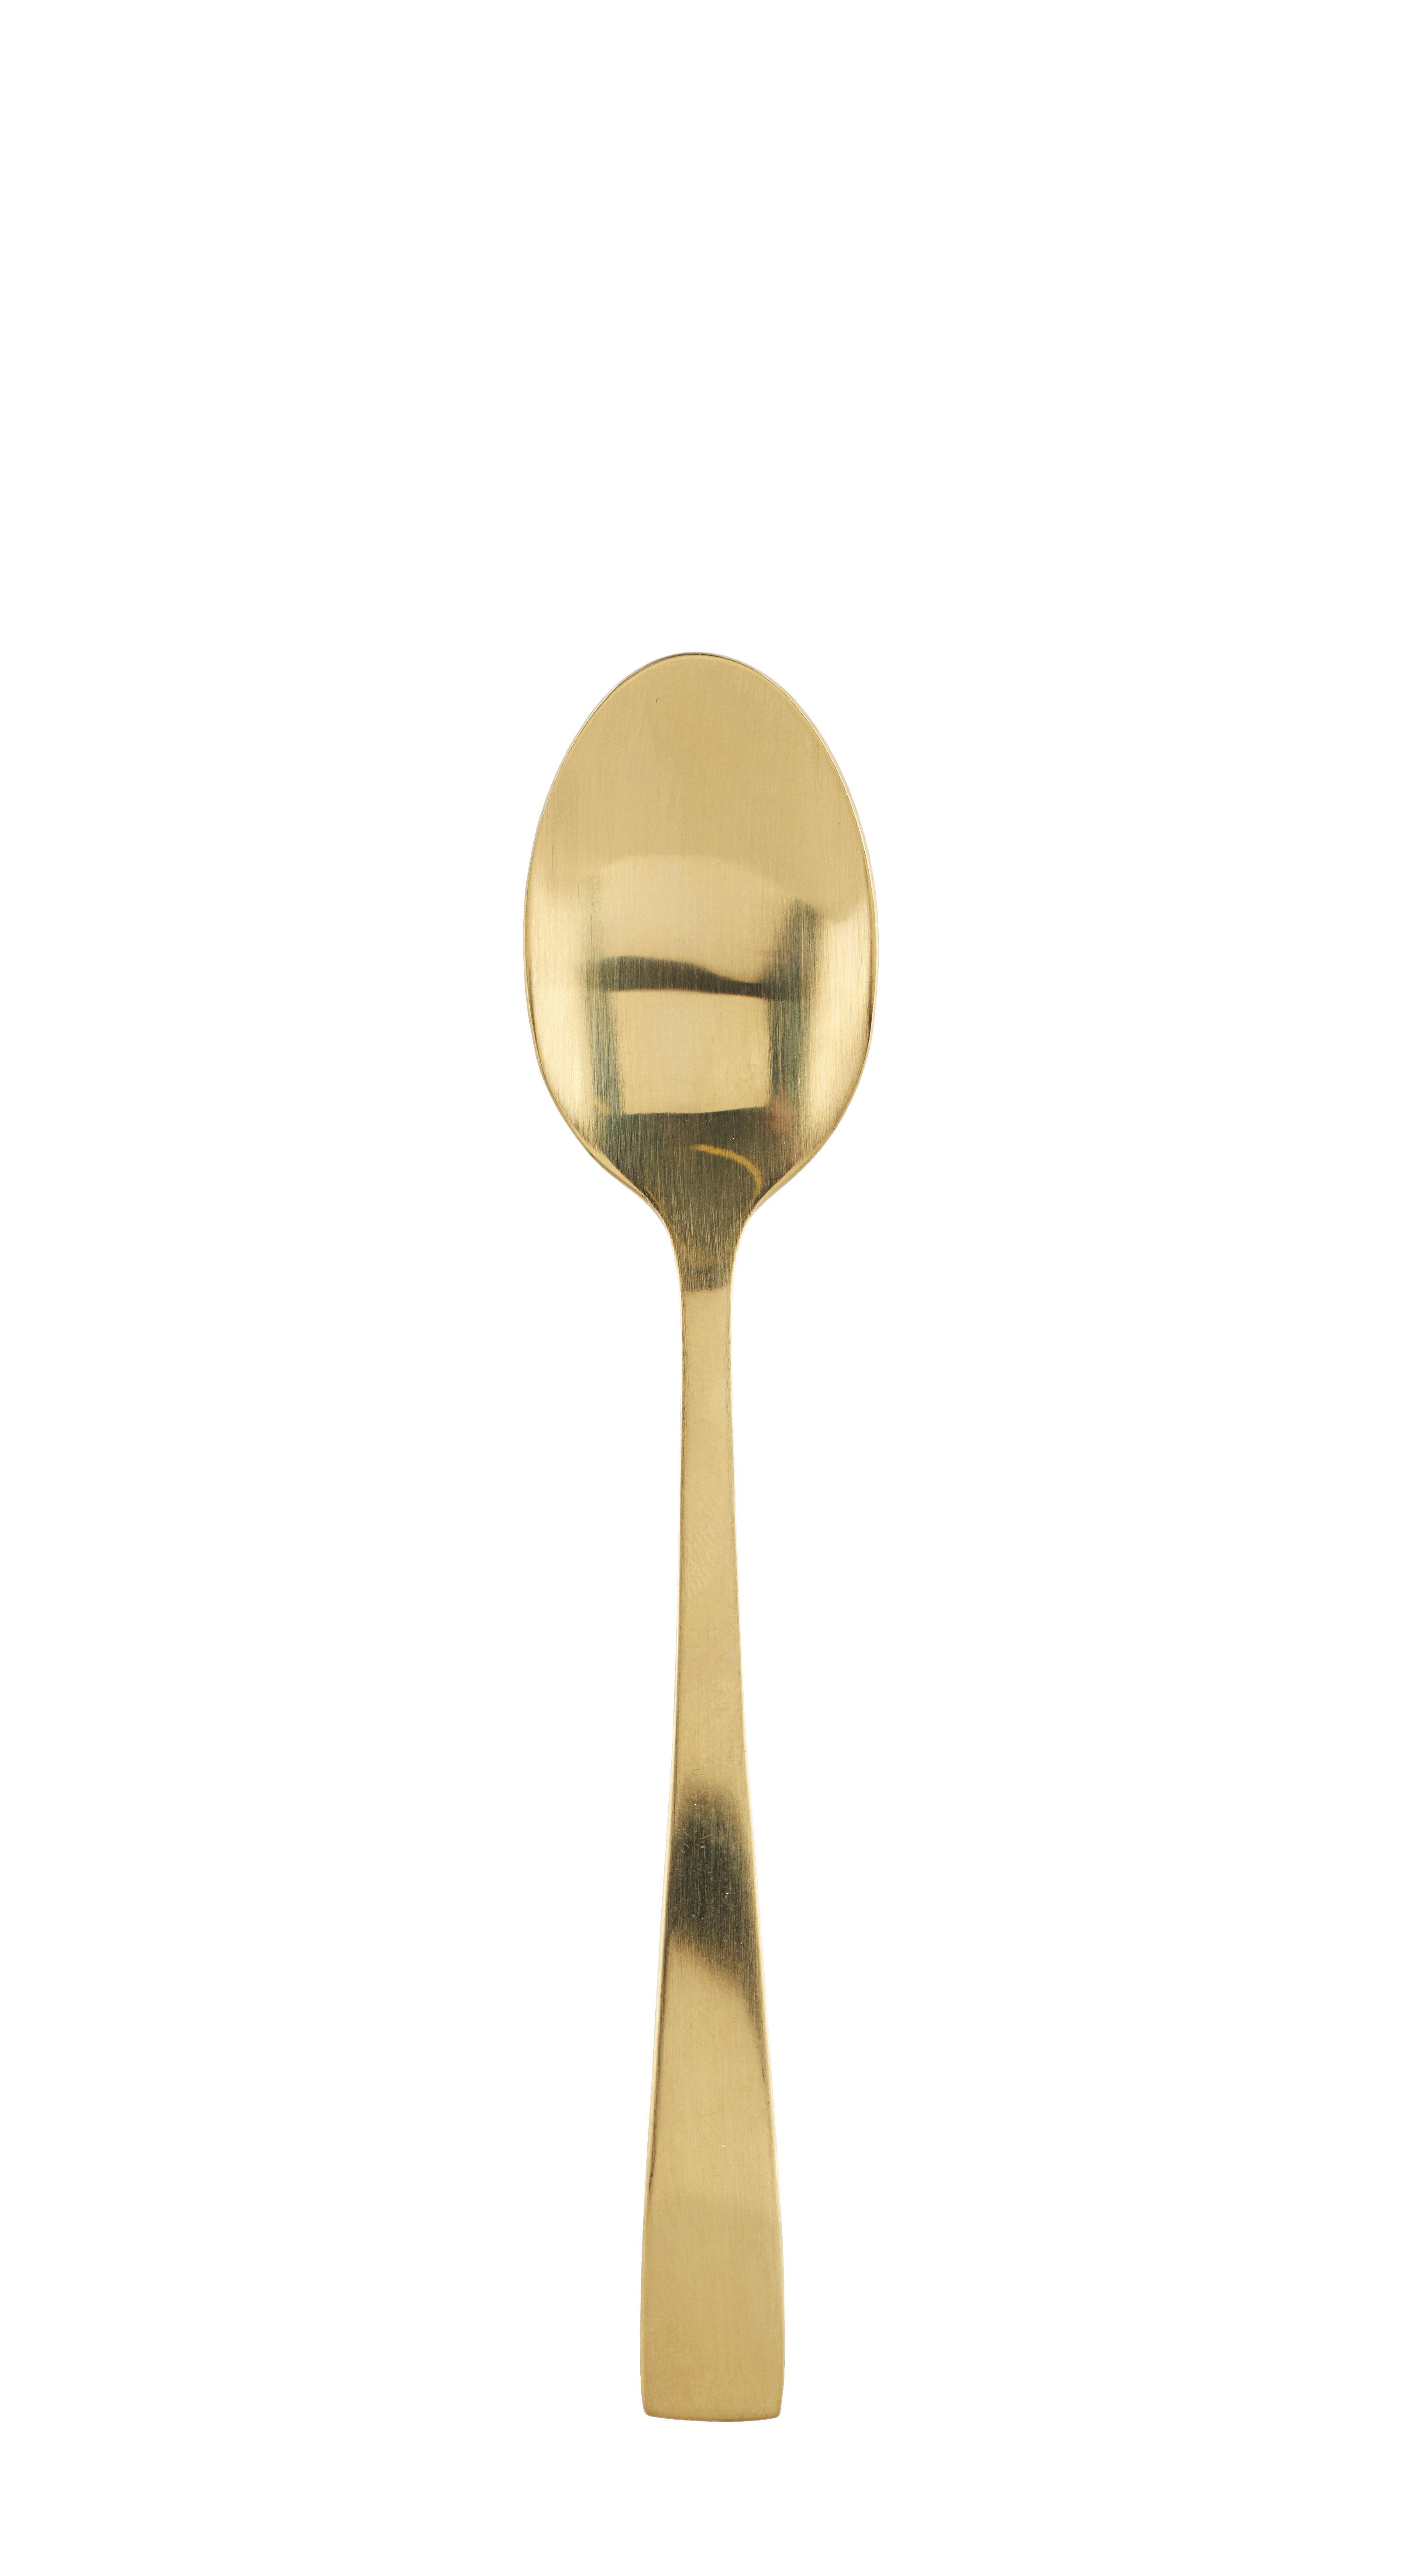 Arts de la table - Couverts de table - Cuillère à café Golden / L 14,3 cm - House Doctor - Cuillère à café / Or - Acier inoxydable